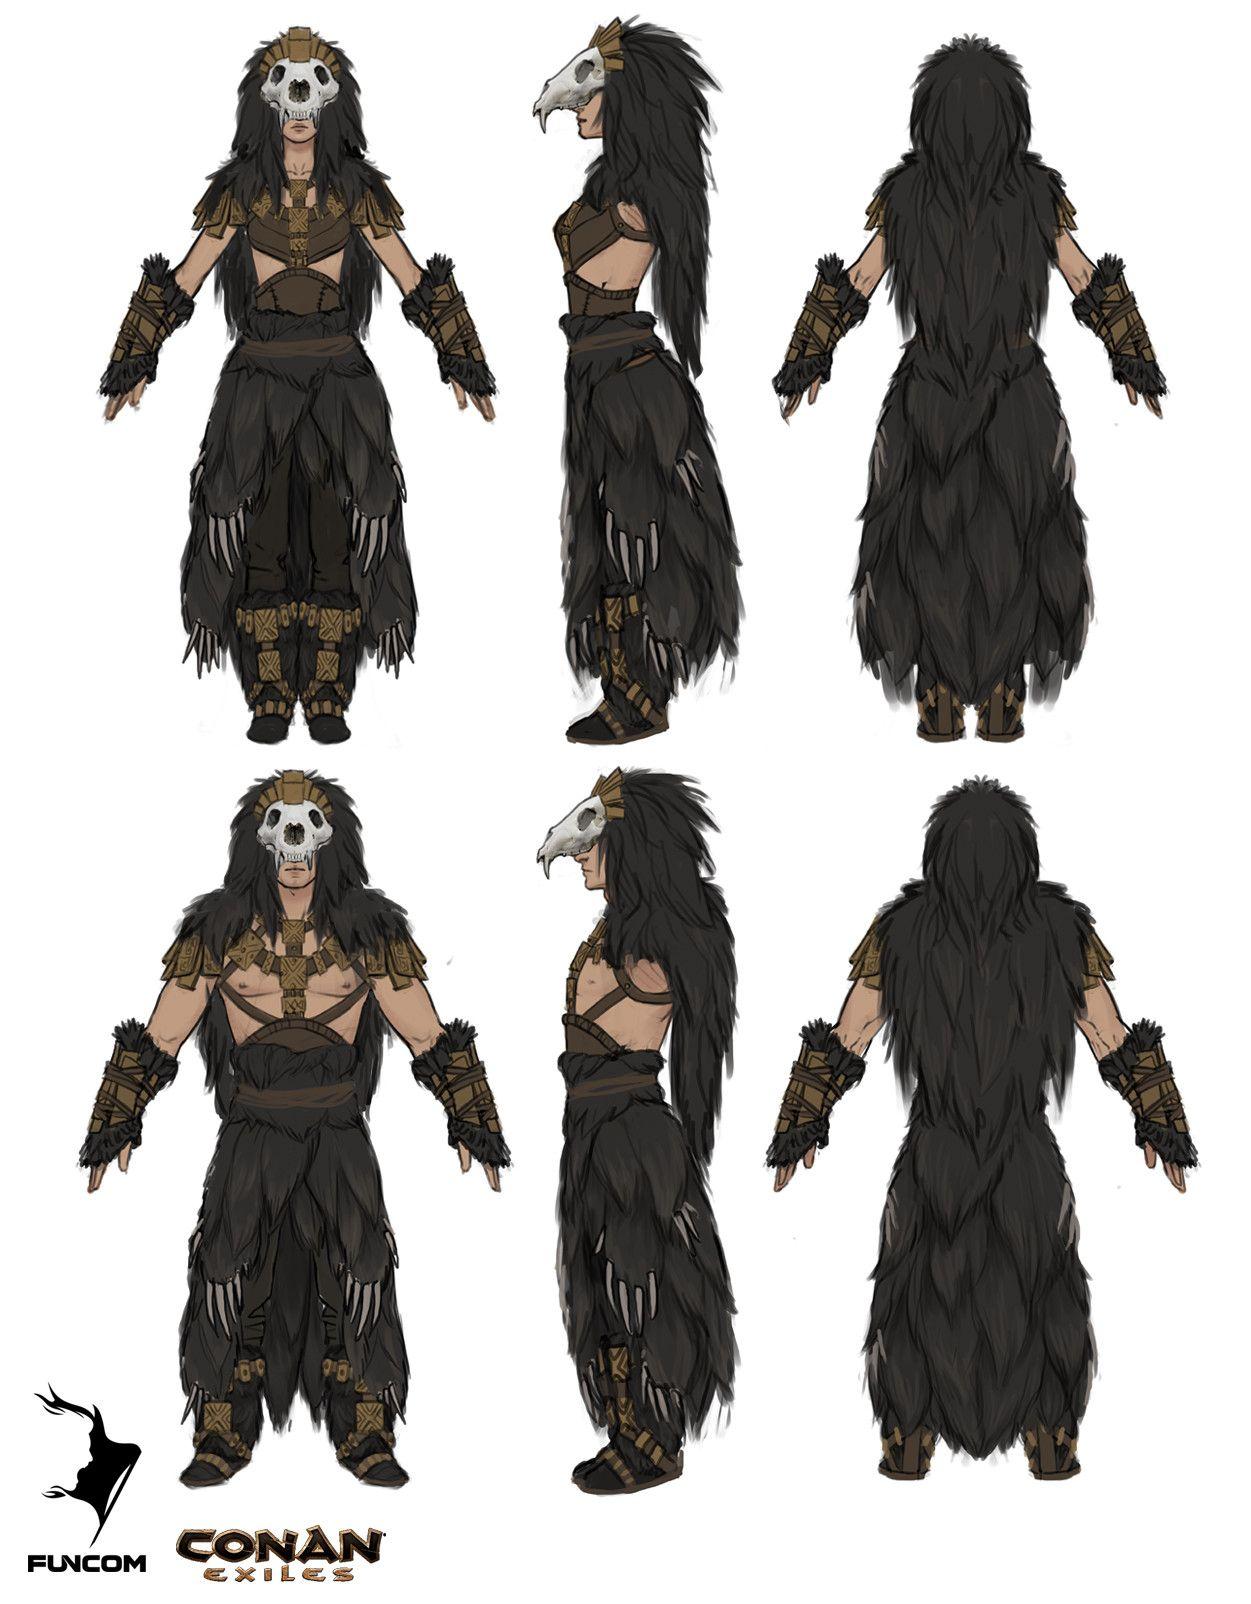 ArtStation - Conan Exiles: DLC armor concept art, Jenni